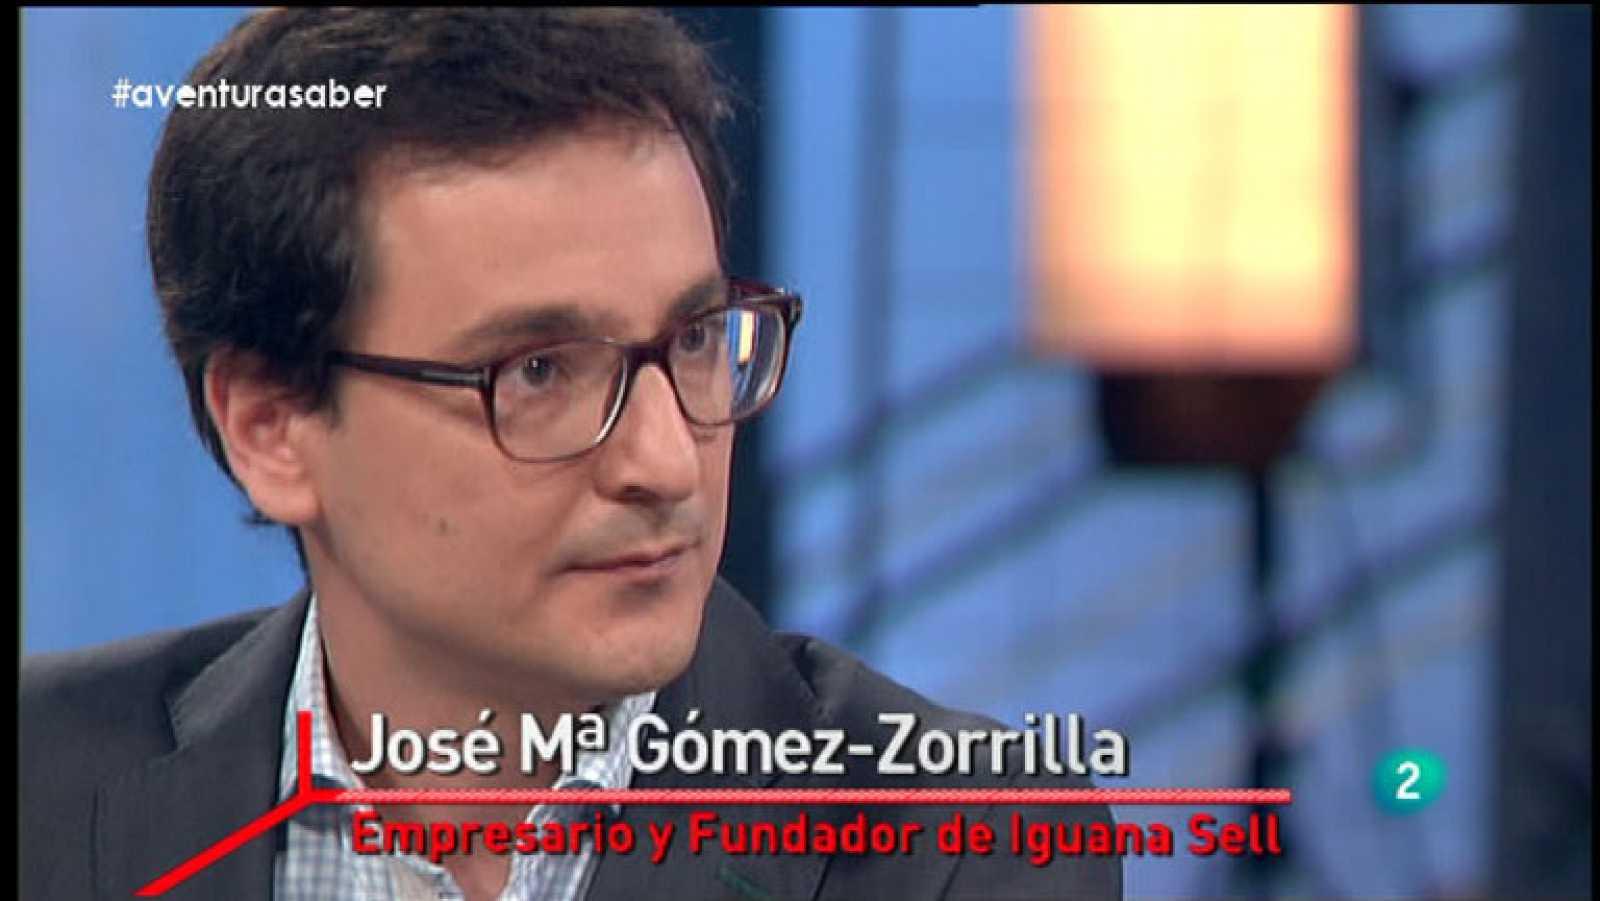 La Aventura del Saber. Arturo de las Heras. Emprendedores. Ecomerce. Jose Gomez Zorrilla